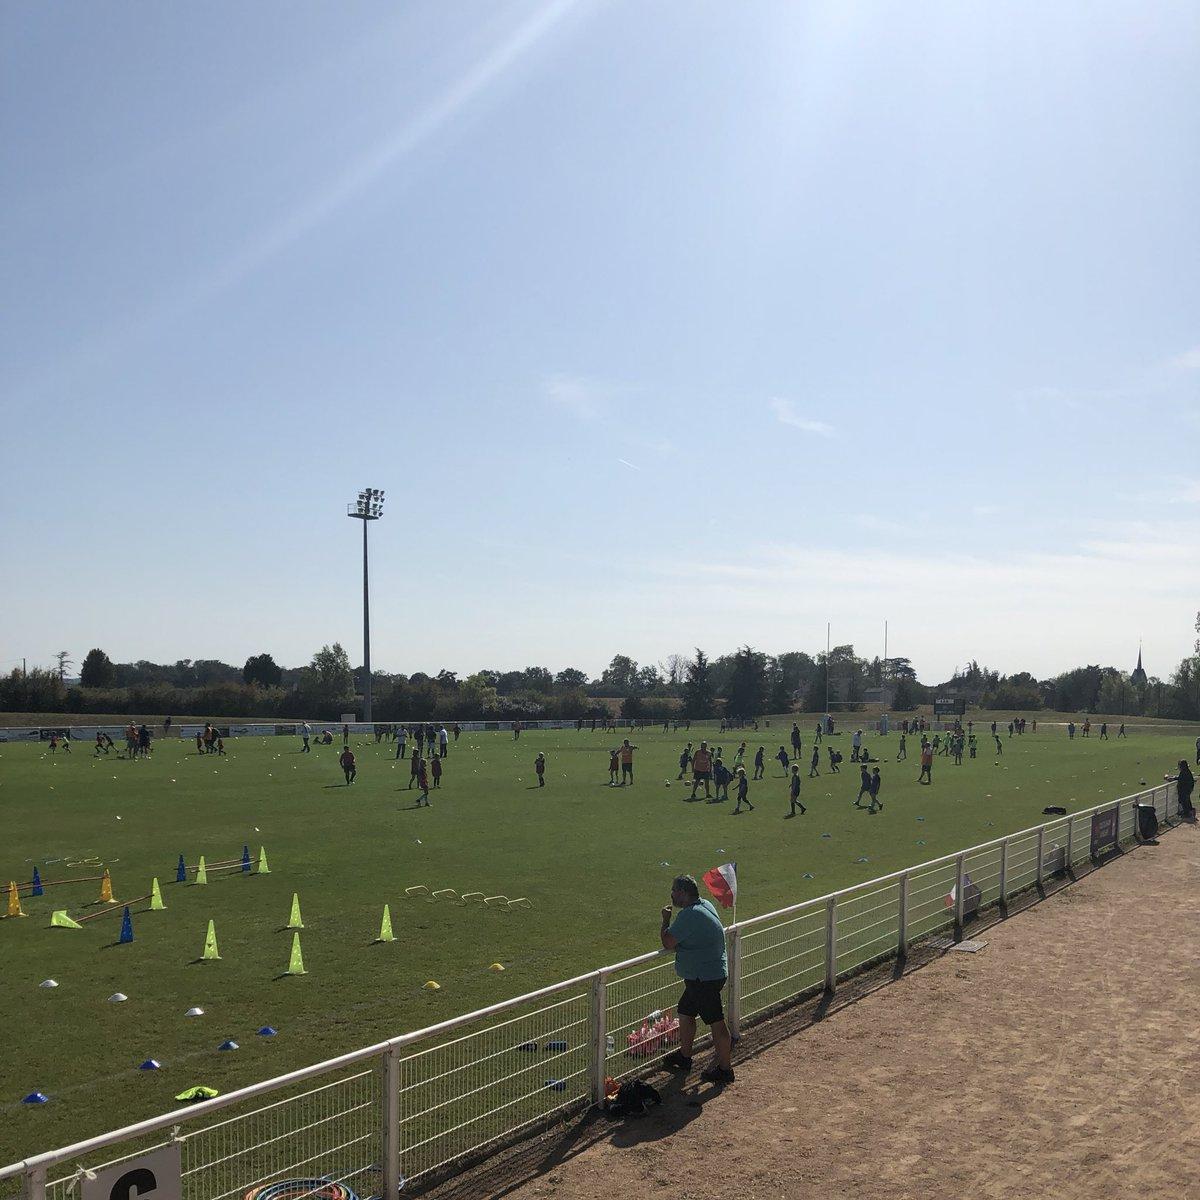 📸 Quelle matinée pour l'Ecole de Rugby du CS Villefranche Rugby ! Toutes les catégories jeunes ont pu s'entraîner sur le terrain d'honneur et sous un grand soleil ☀️ Bienvenue à tous les jeunes venus essayer le rugby grâce à la Semaine Nationale des Écoles de Rugby !